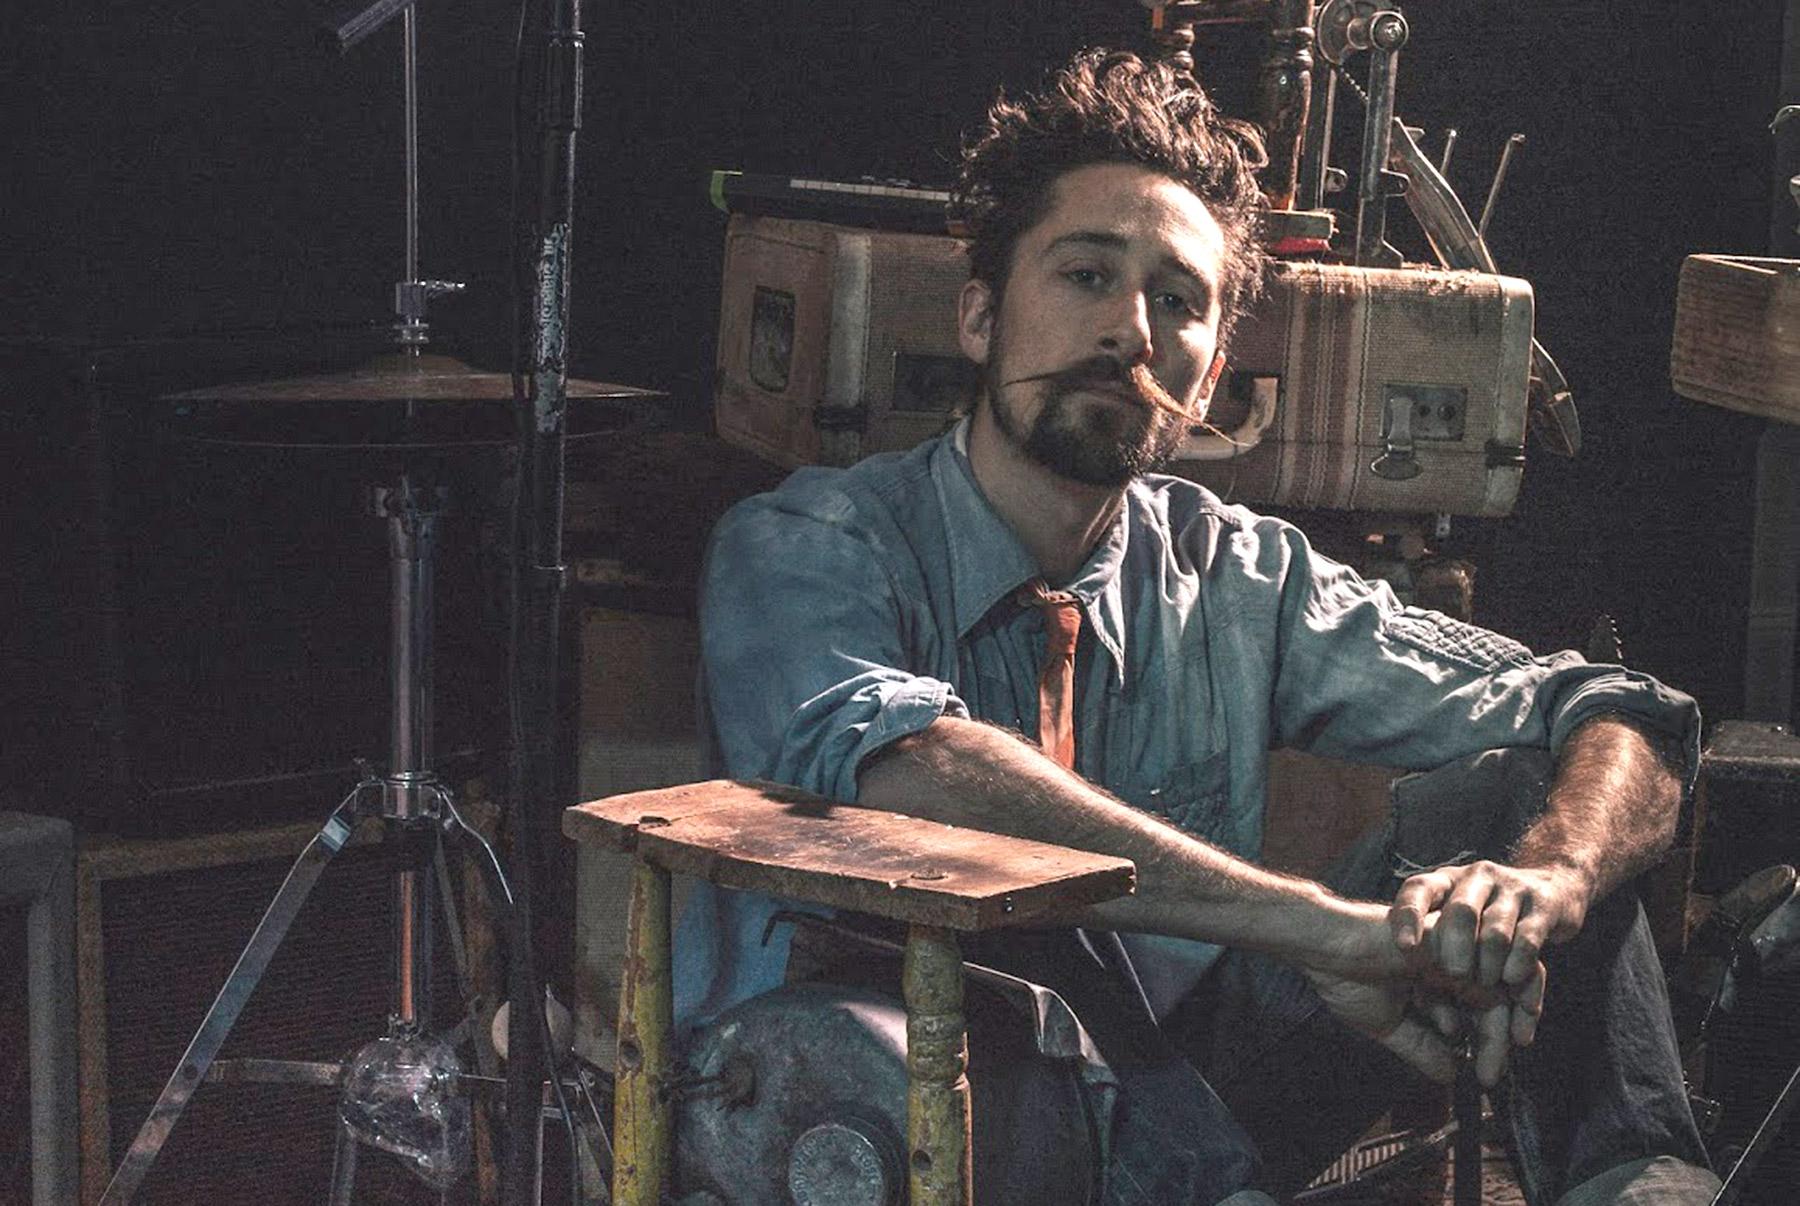 Rock musician Suitcase Junket